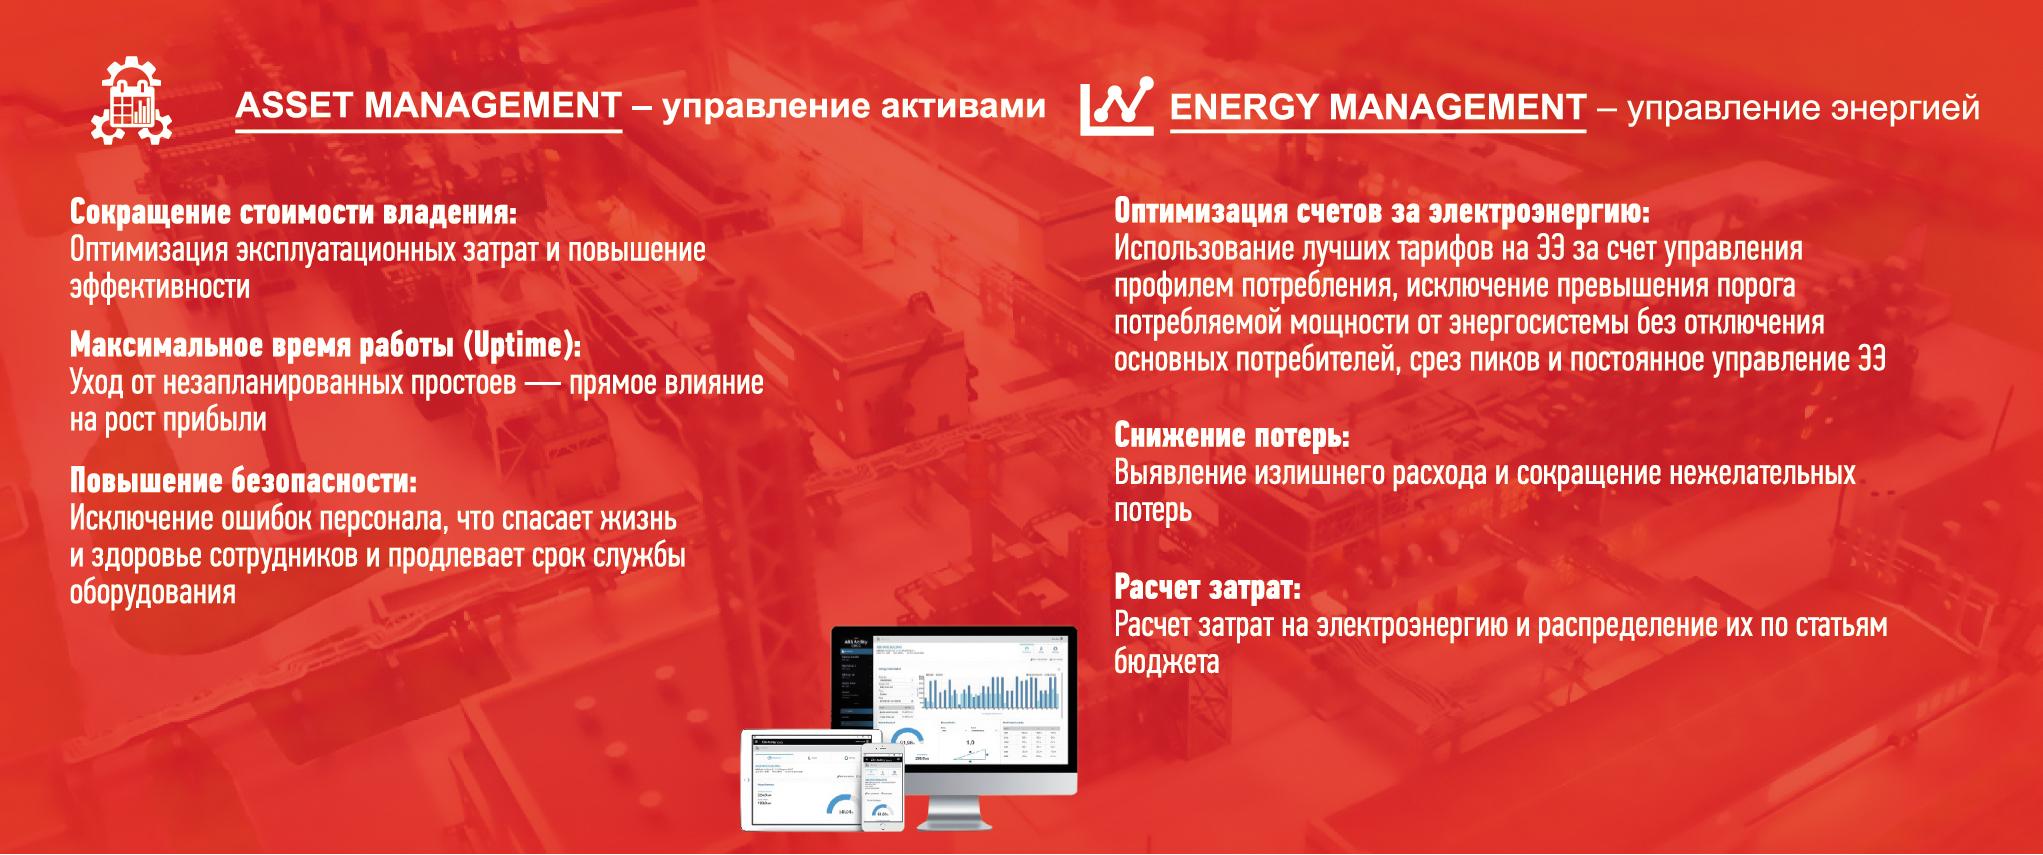 Получение преимуществ от цифровых решений в энергетике: два направления